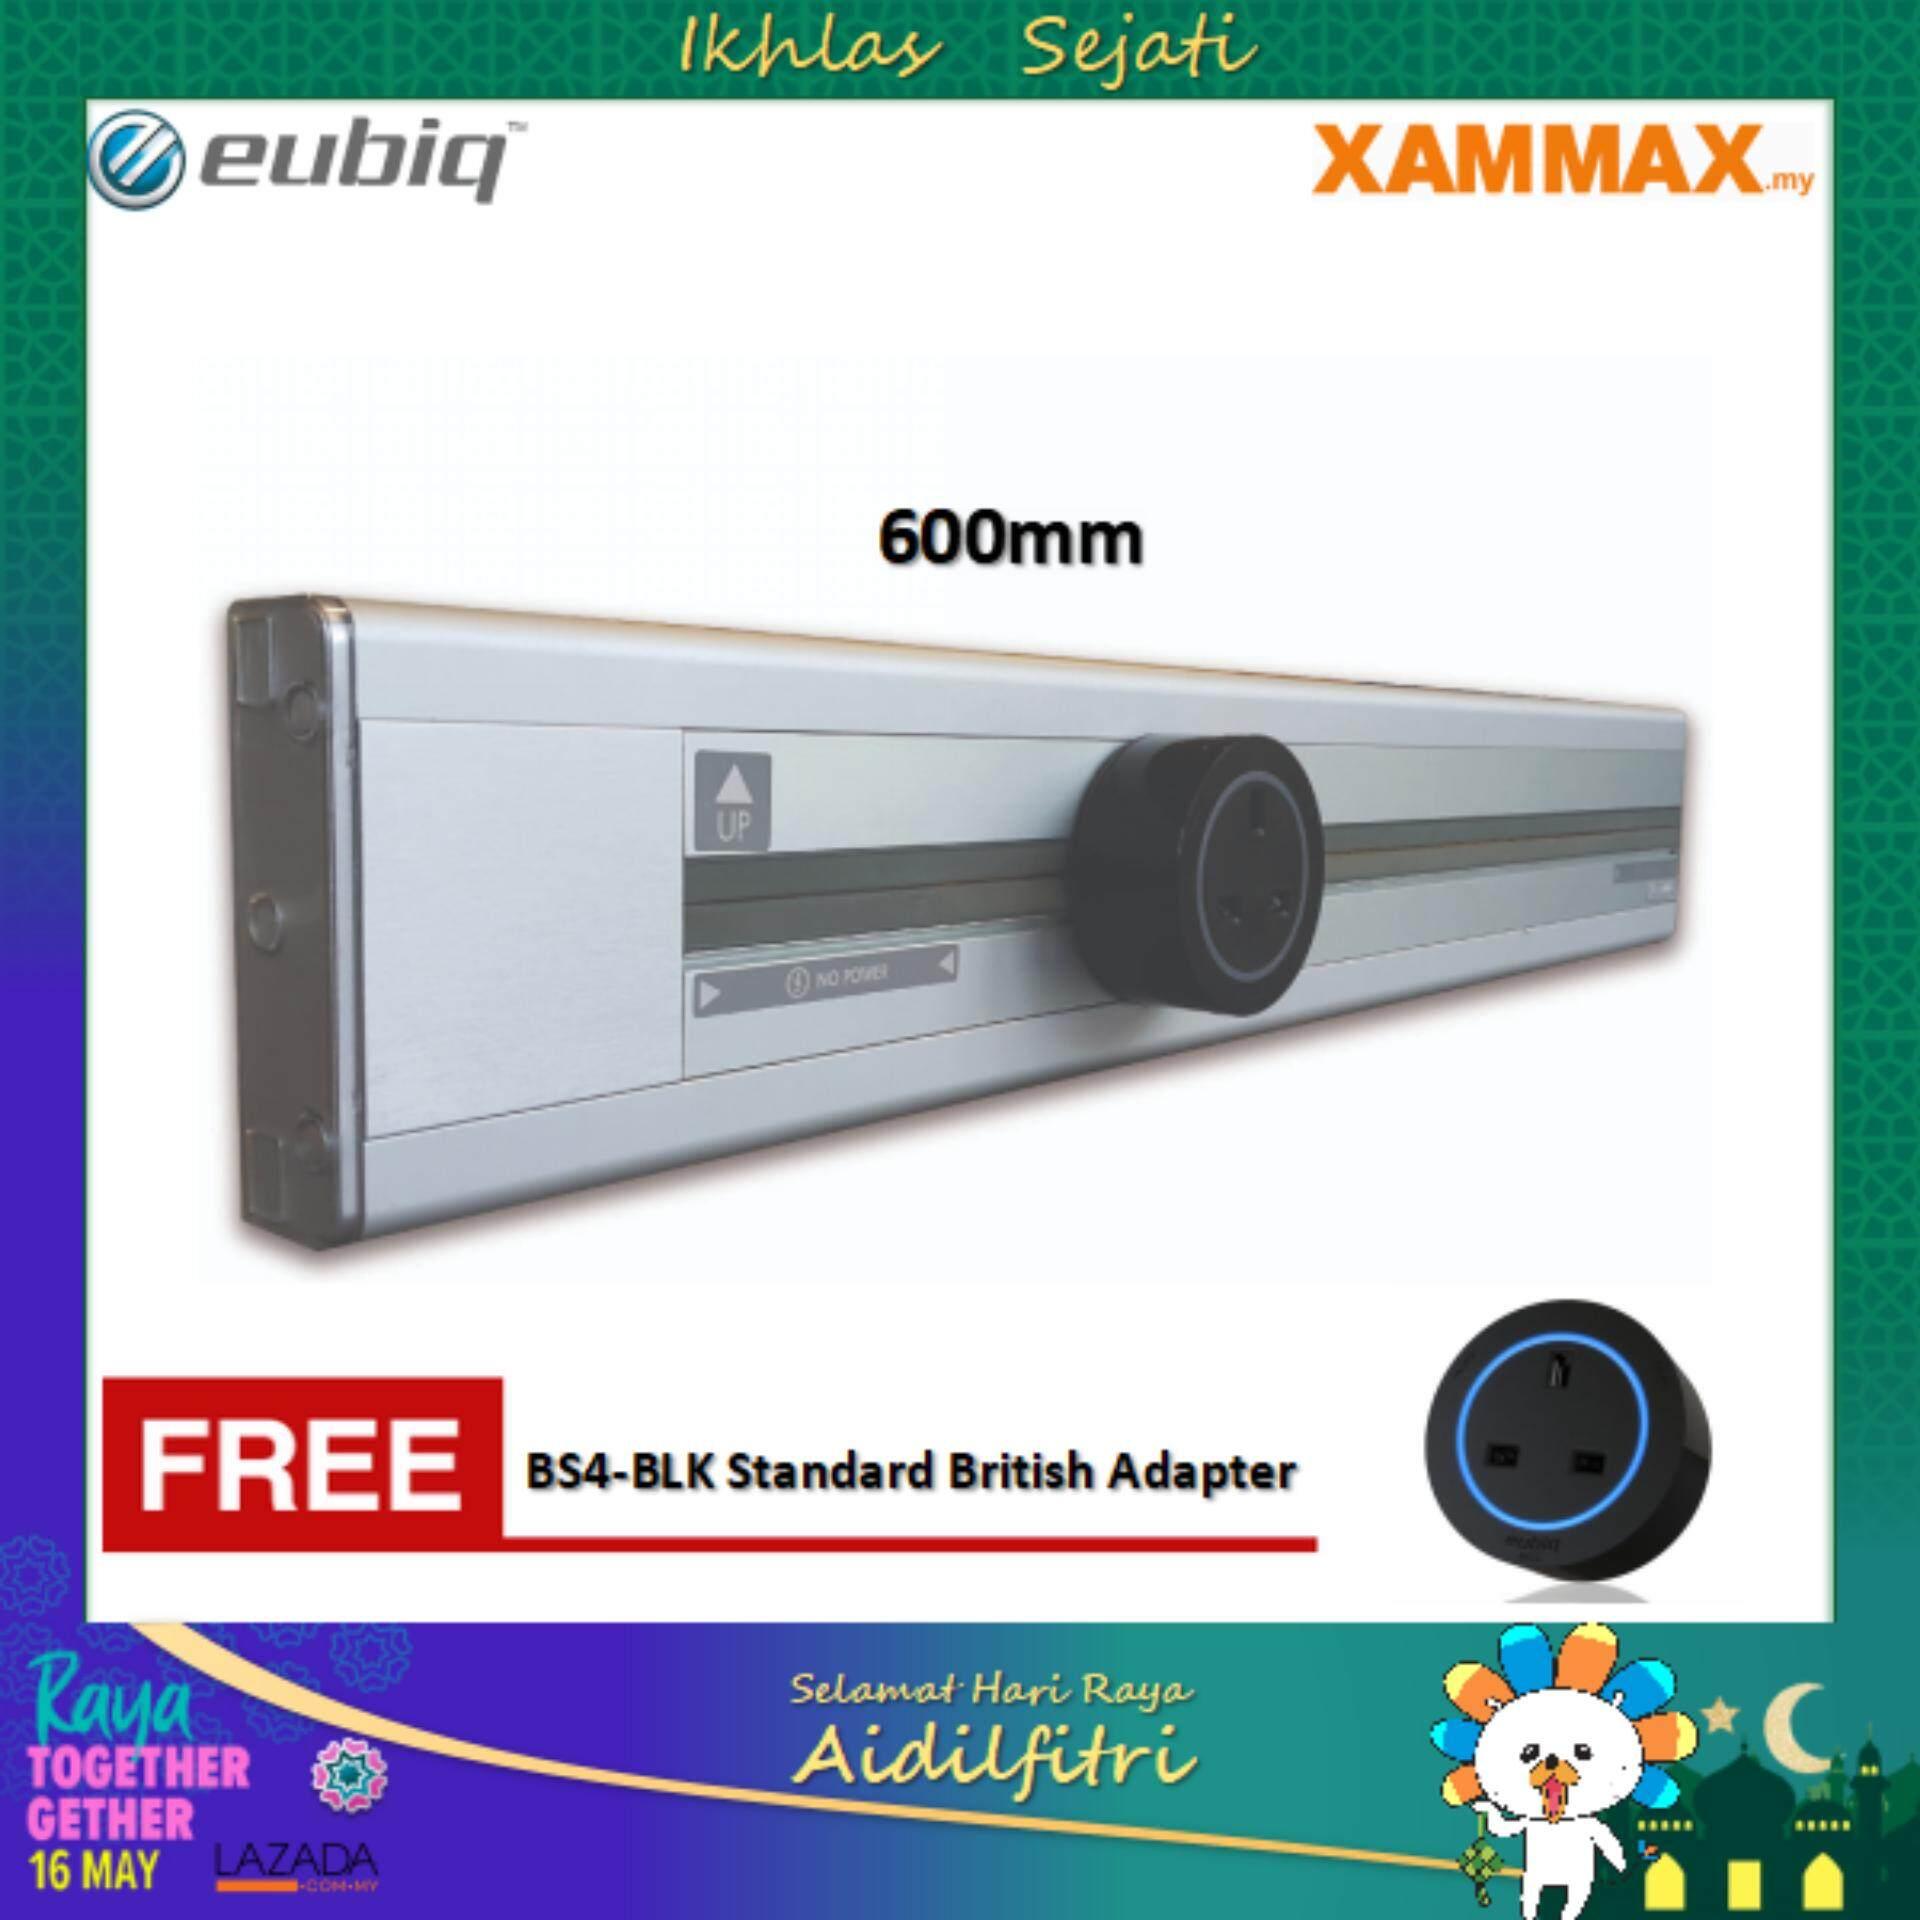 Eubiq Home Electrical Price In Malaysia Best Eubiq Home Electrical